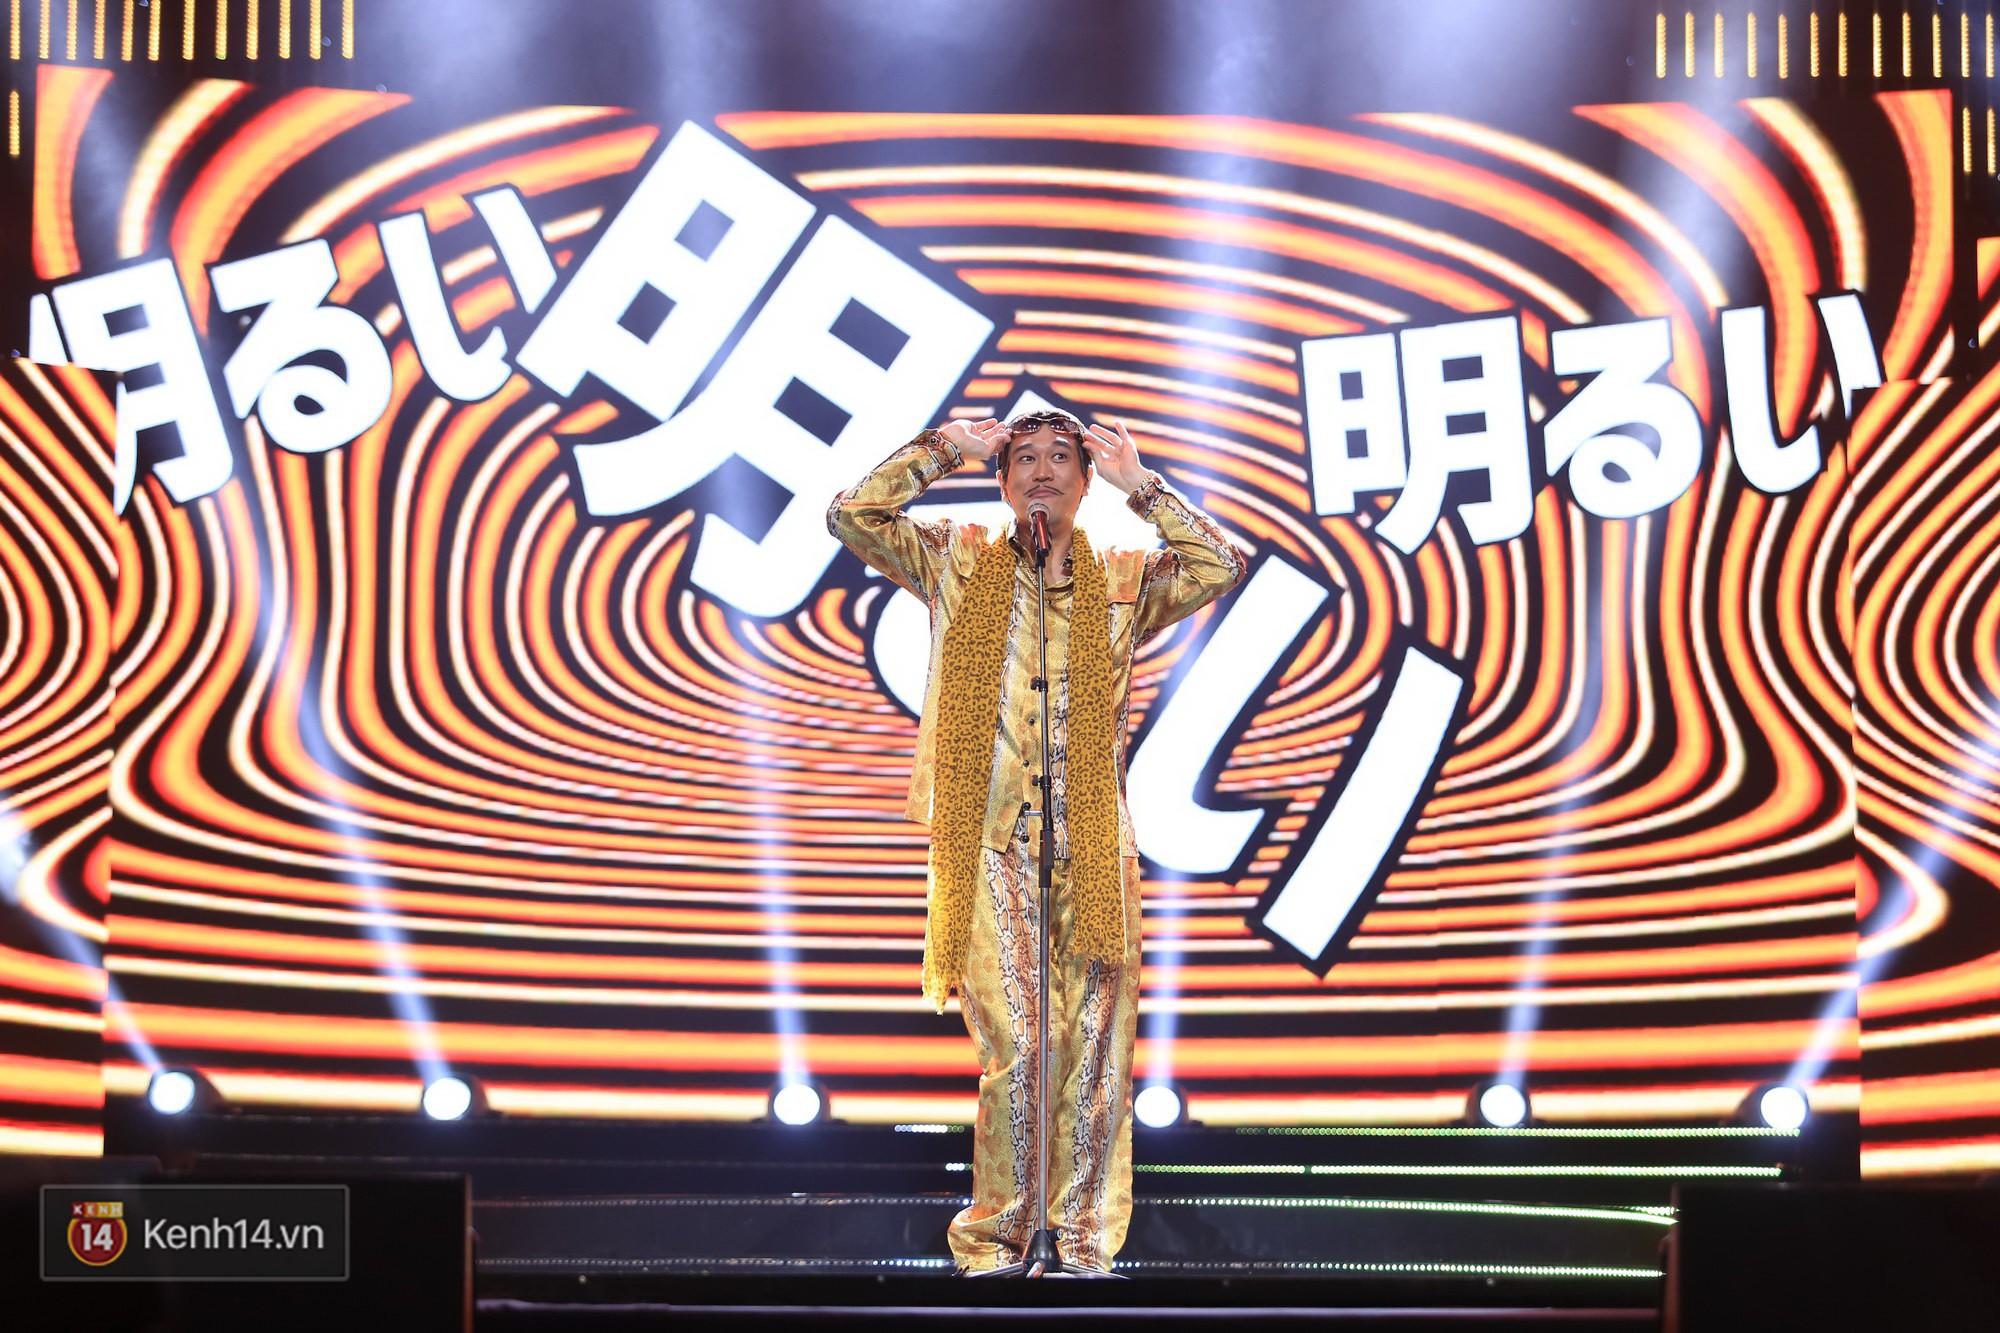 Clip: Đông Nhi và hiện tượng âm nhạc thế giới Bút dứa - Táo bút đốt cháy sân khấu bằng loạt hit đình đám - Ảnh 6.